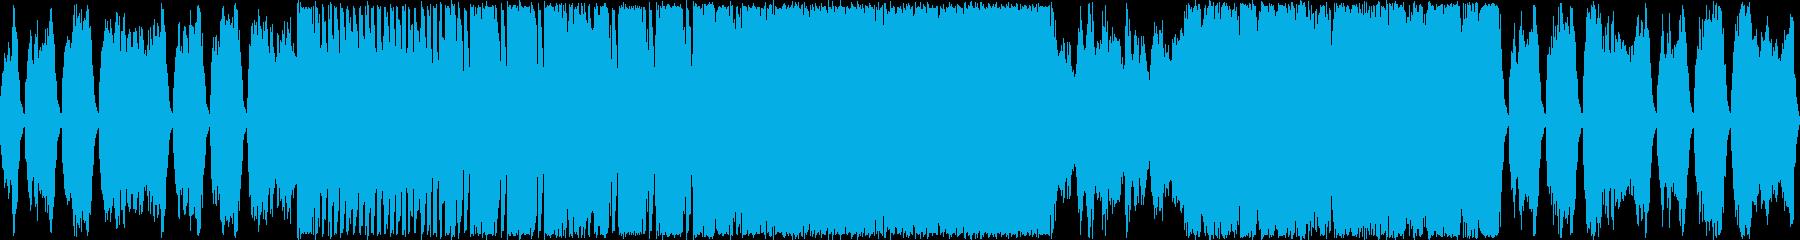 ミステリアスな弦楽ワルツ風の再生済みの波形